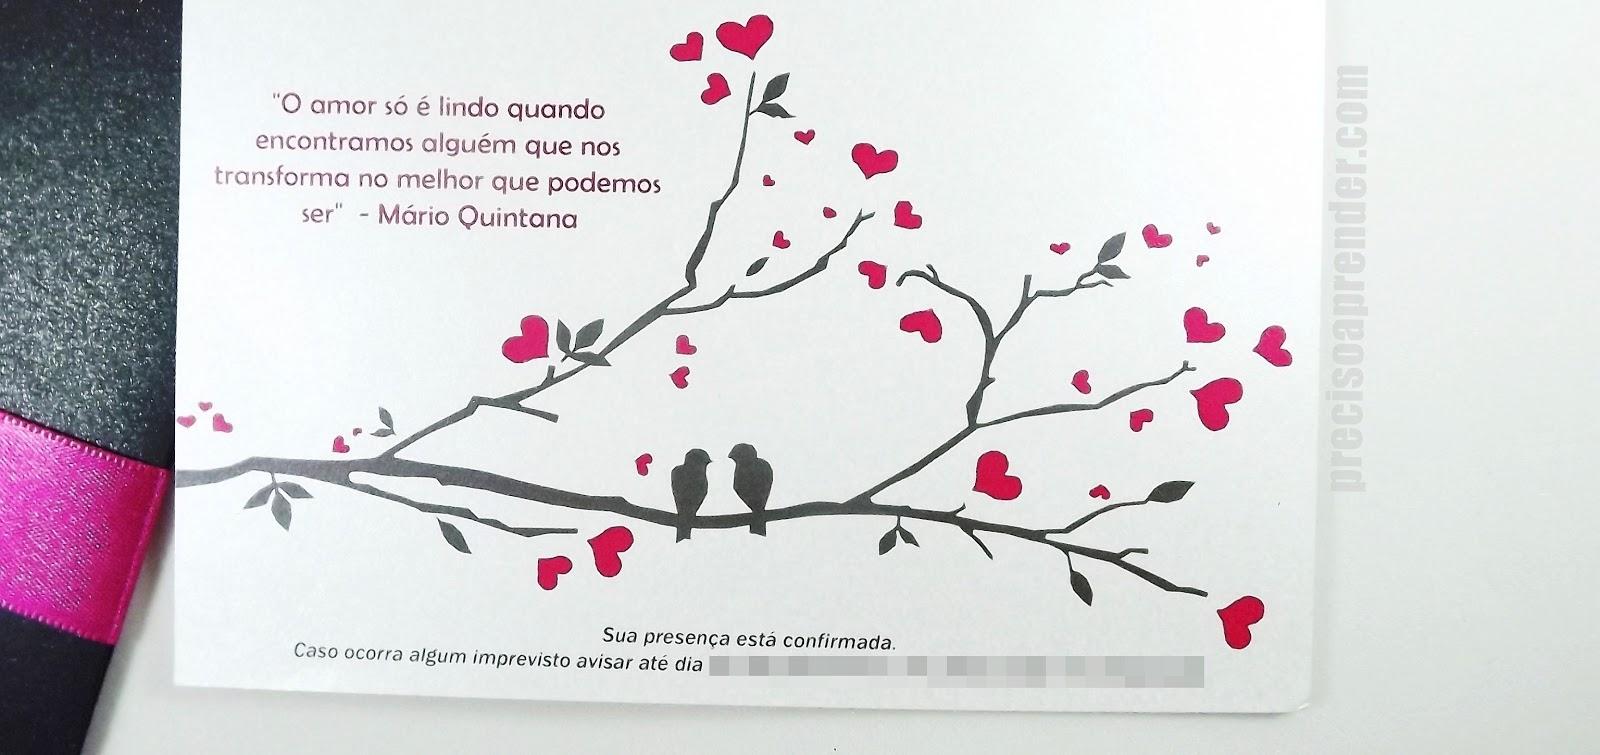 ISSUU - Revista Foco 204 by REVISTA FOCO